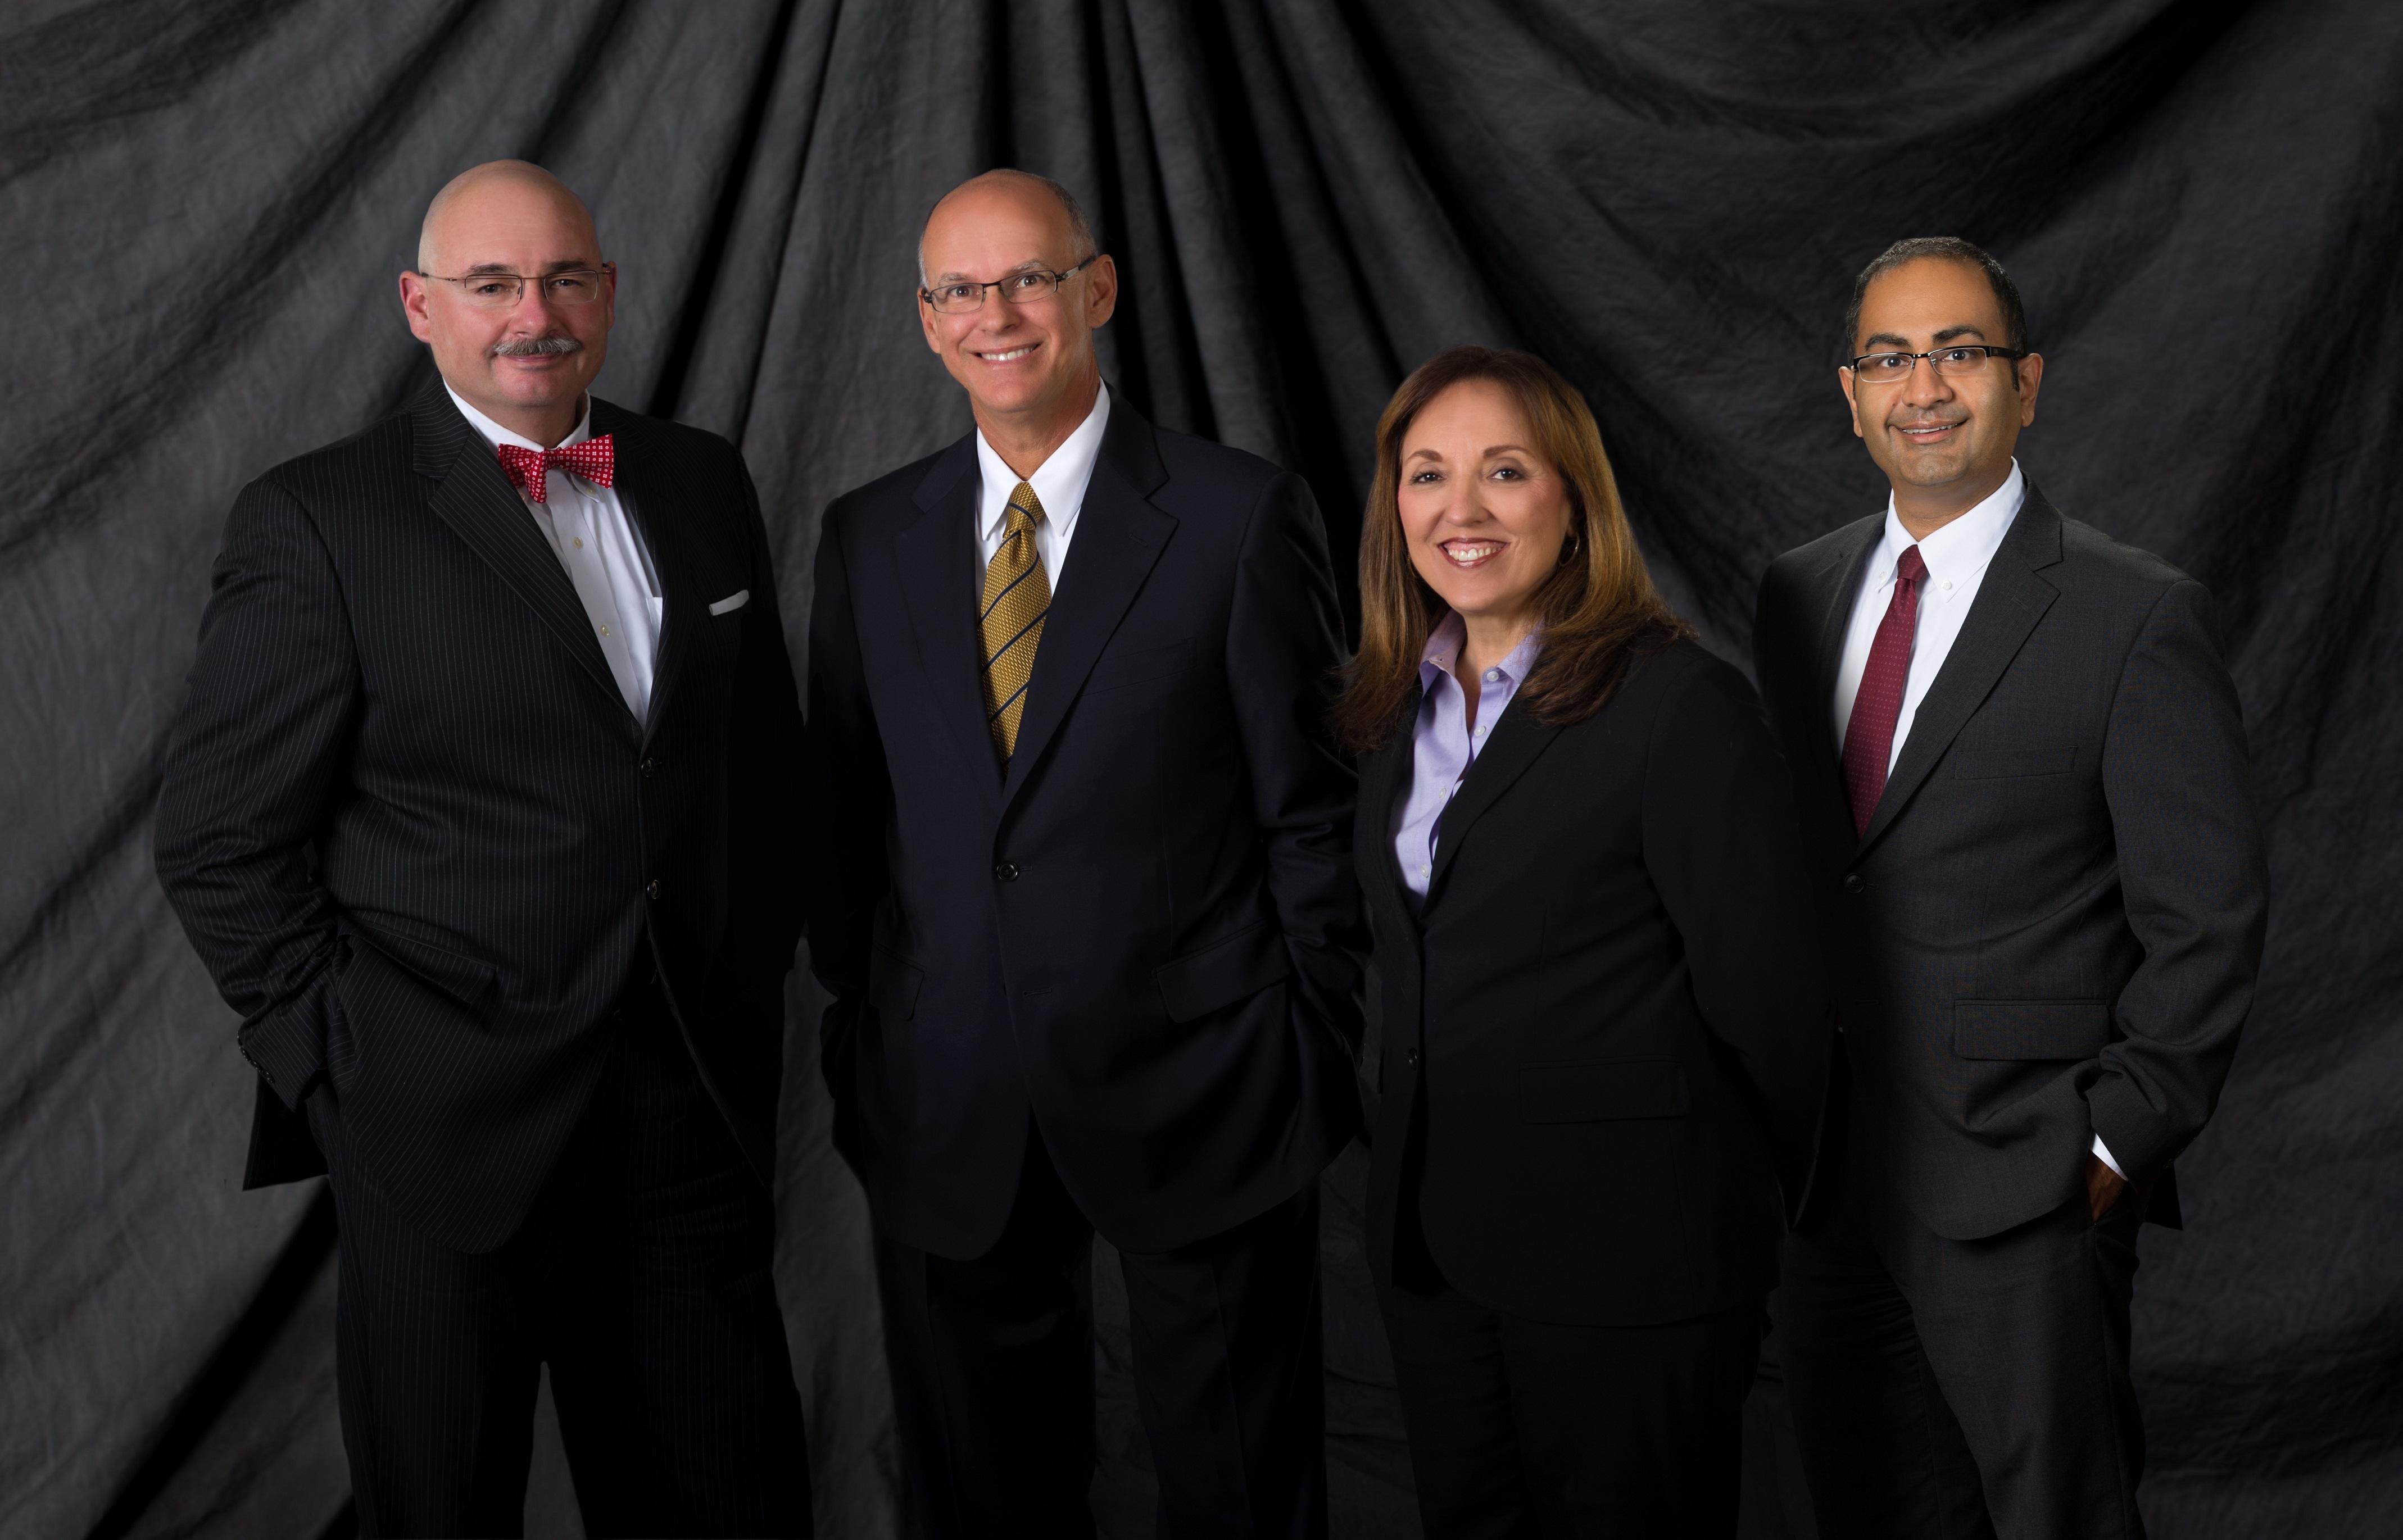 Escobar & Associates, P.A. From L to R Dino Michaels, Richard Escobar, DeeAnn Athan and Rupak Shah